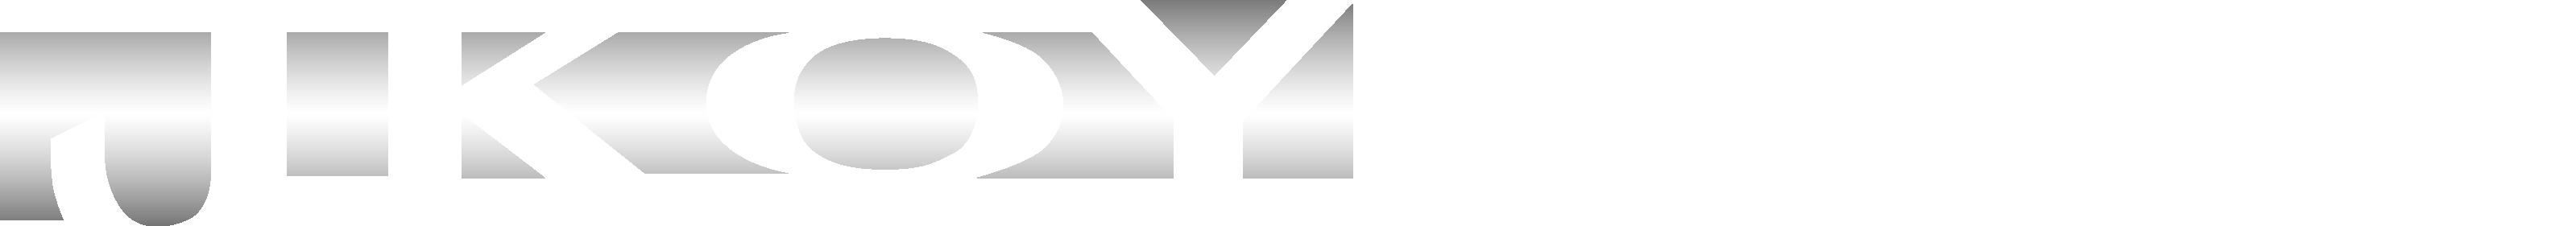 jkoy_logo_2_2015